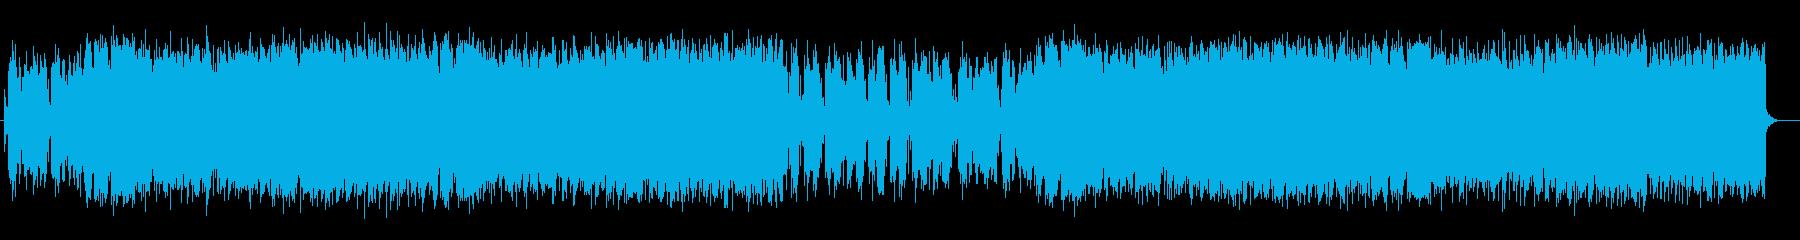 ファンタジー感のシンセが特徴のポップスの再生済みの波形